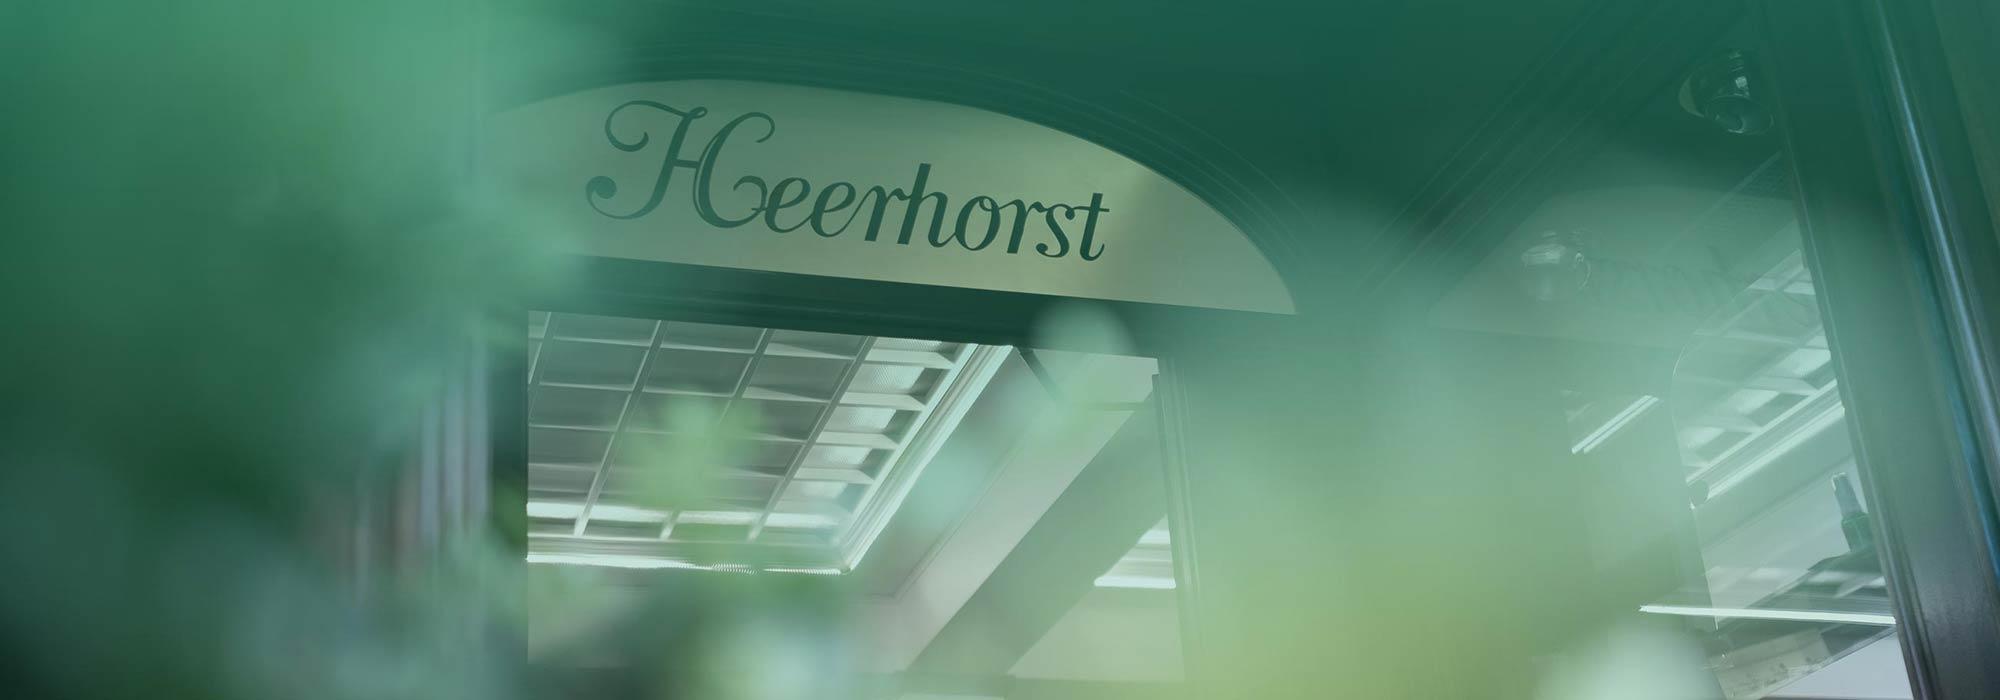 heerhorst-unternehmen-hero